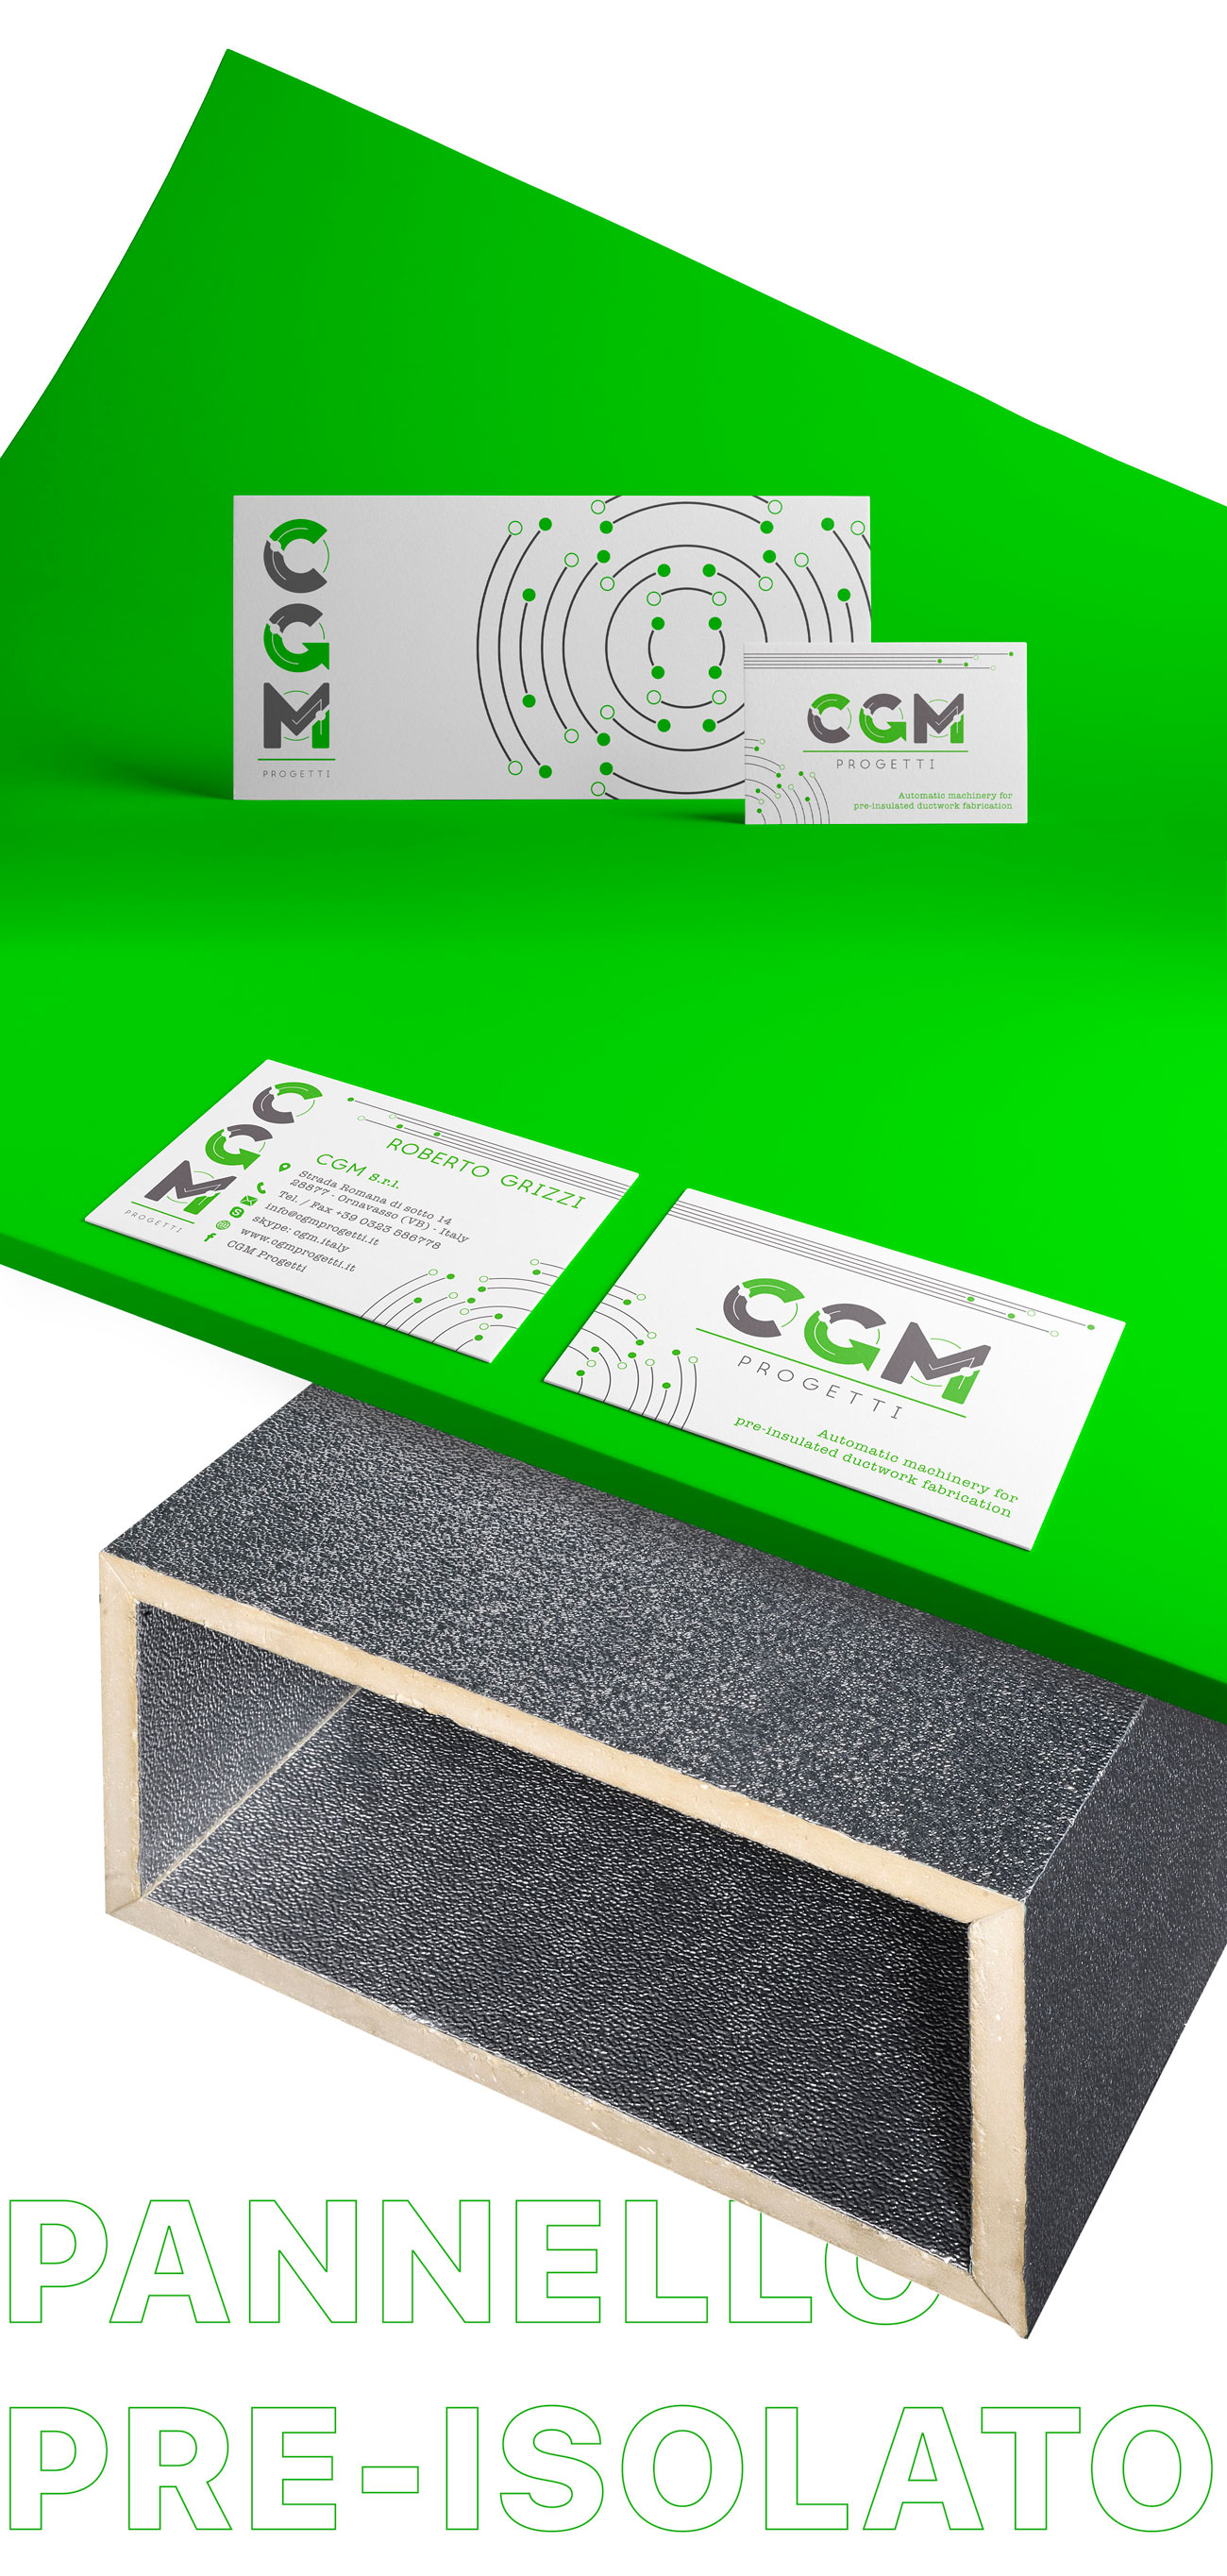 due pannelli pre-isolati posti uno sopra l'altro. il primo è verde e ha appoggiato una busta e tre biglietti da visita. Il secondo è grigio